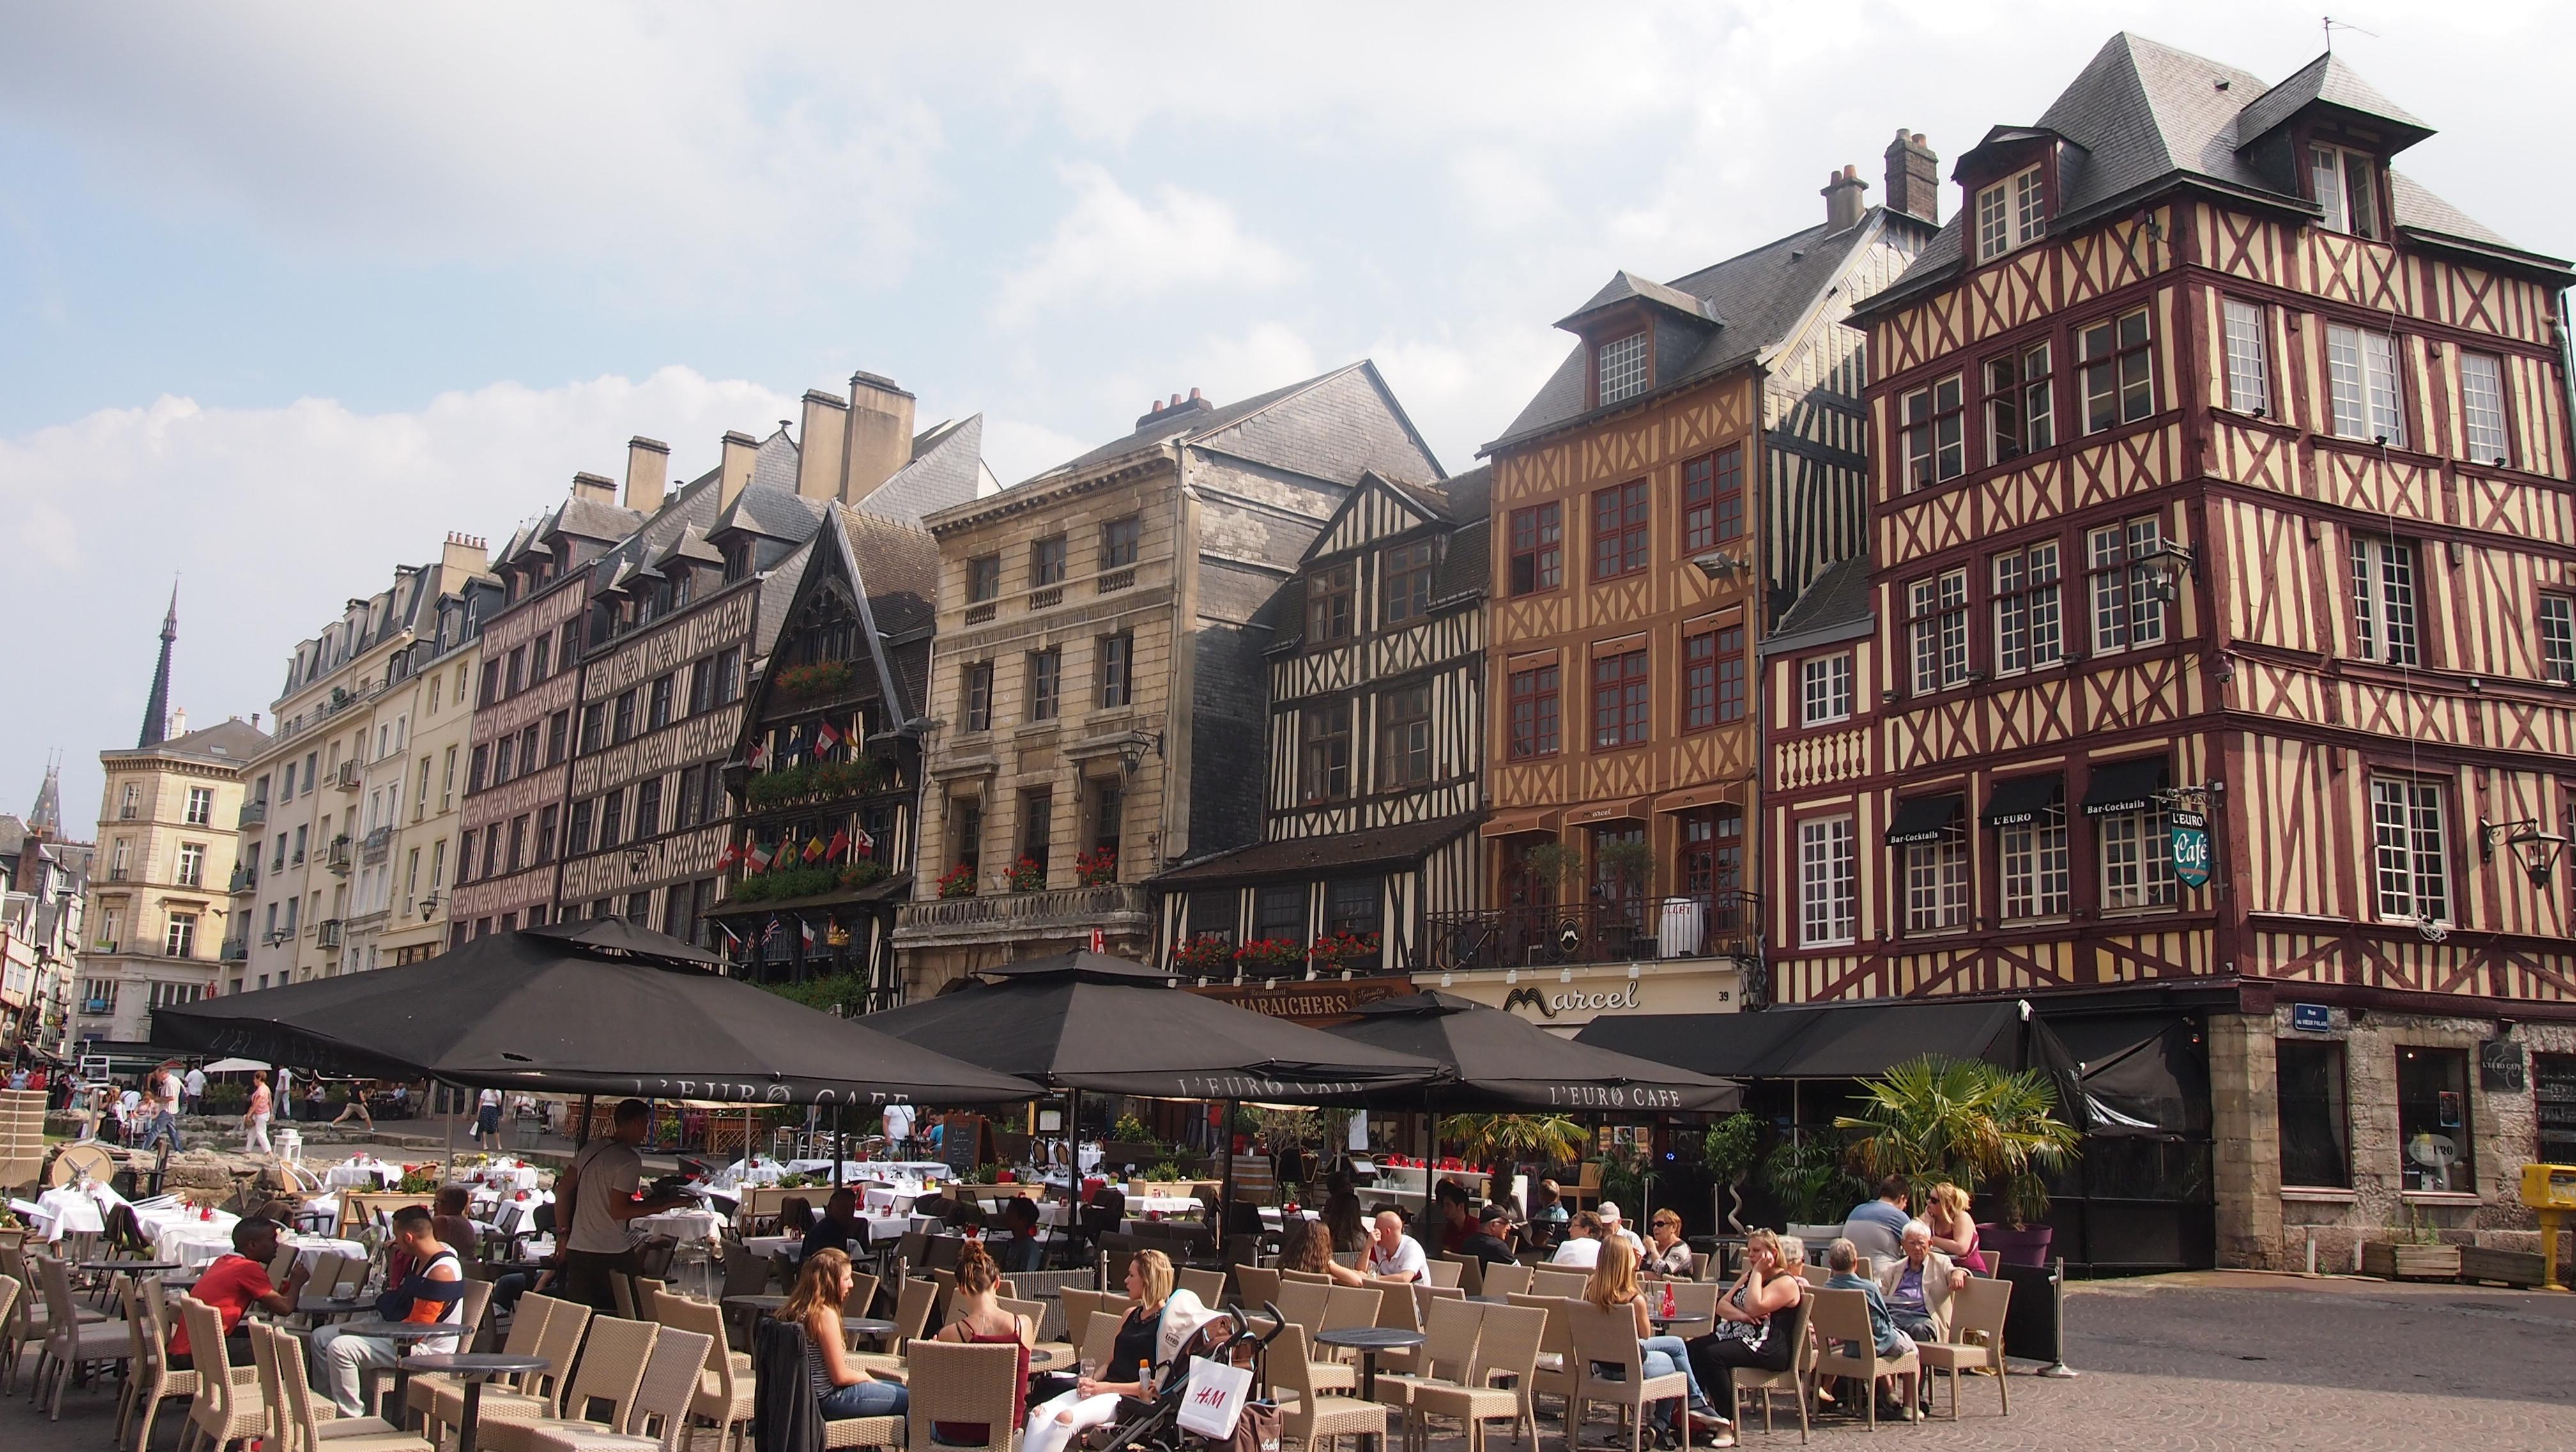 La place du vieux marché où Jeanne d'arc fût brûlée vive le 30 mai 1431